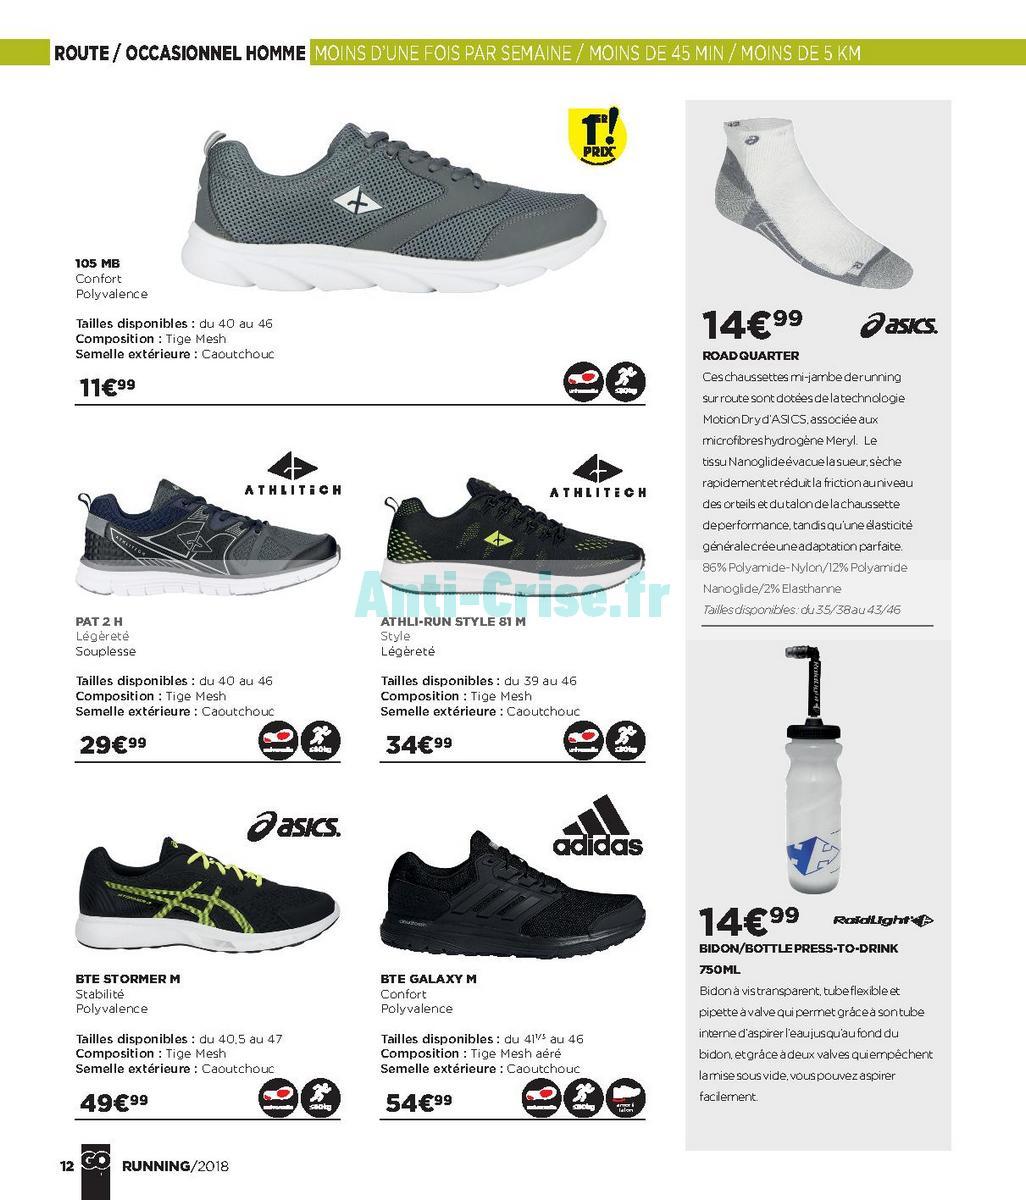 septembre2018 Catalogue Go Sport du 28 avril au 21 septembre 2018 (Running) (12)